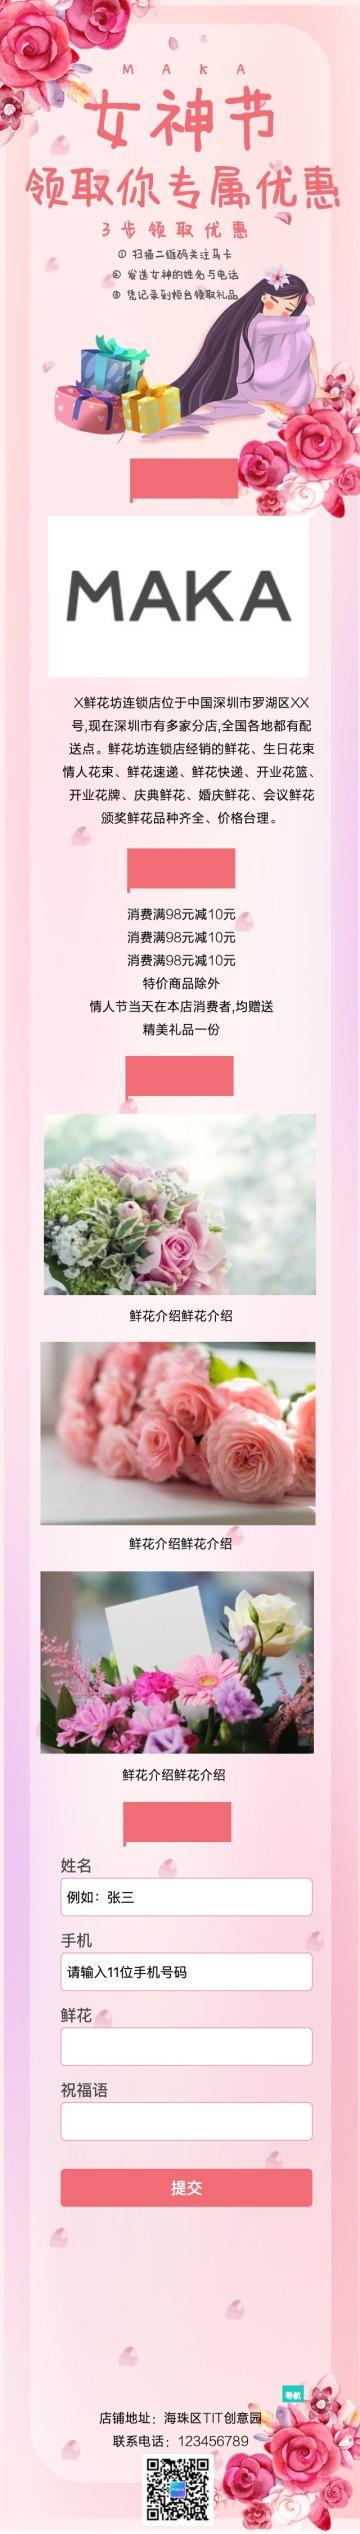 三八妇女节清新文艺花店促销推广单页